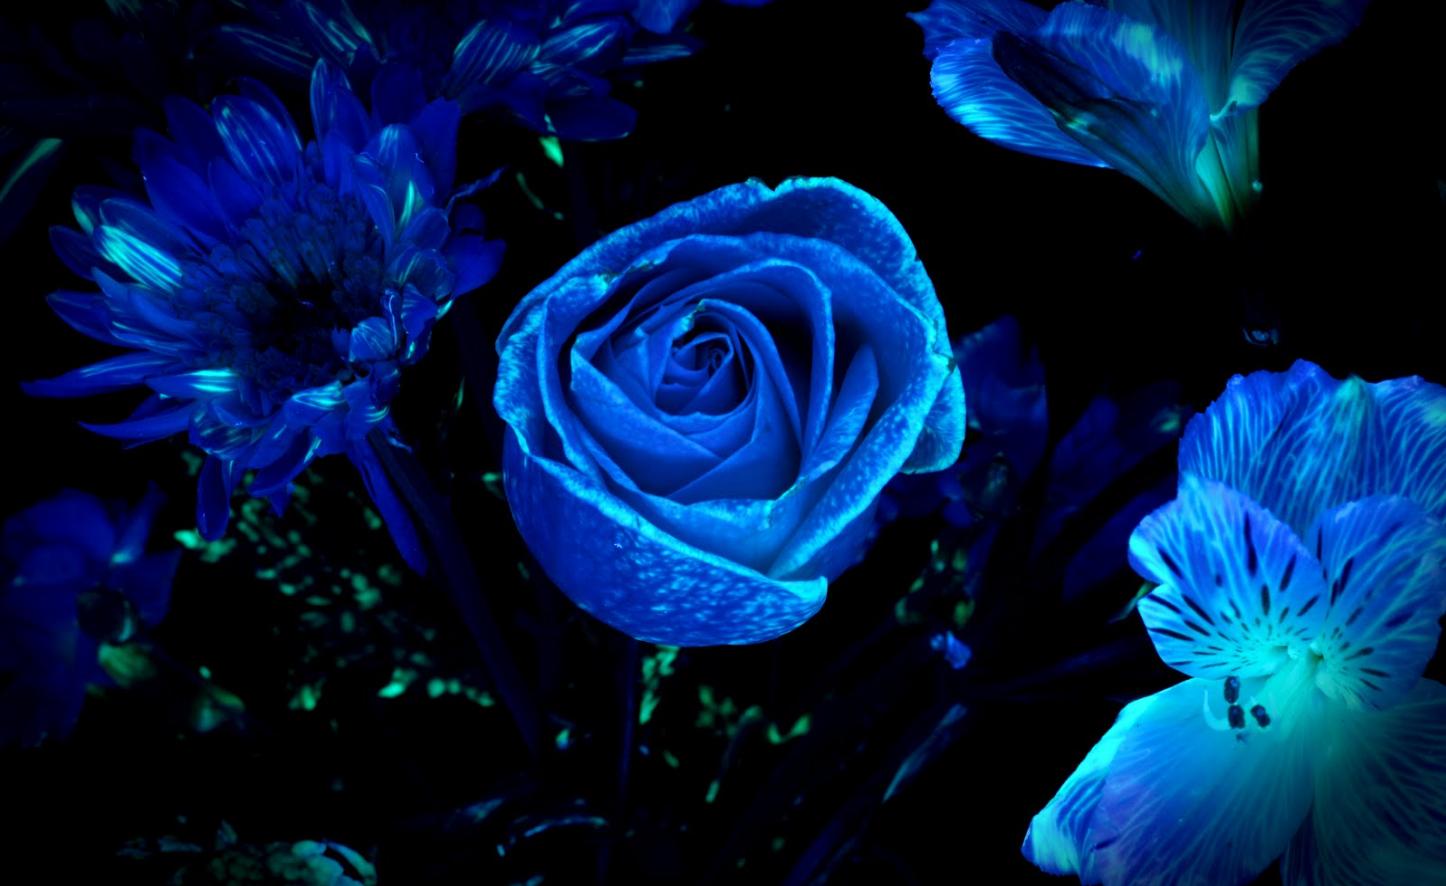 как организовать бизнес на продаже светящихся в темноте цветов